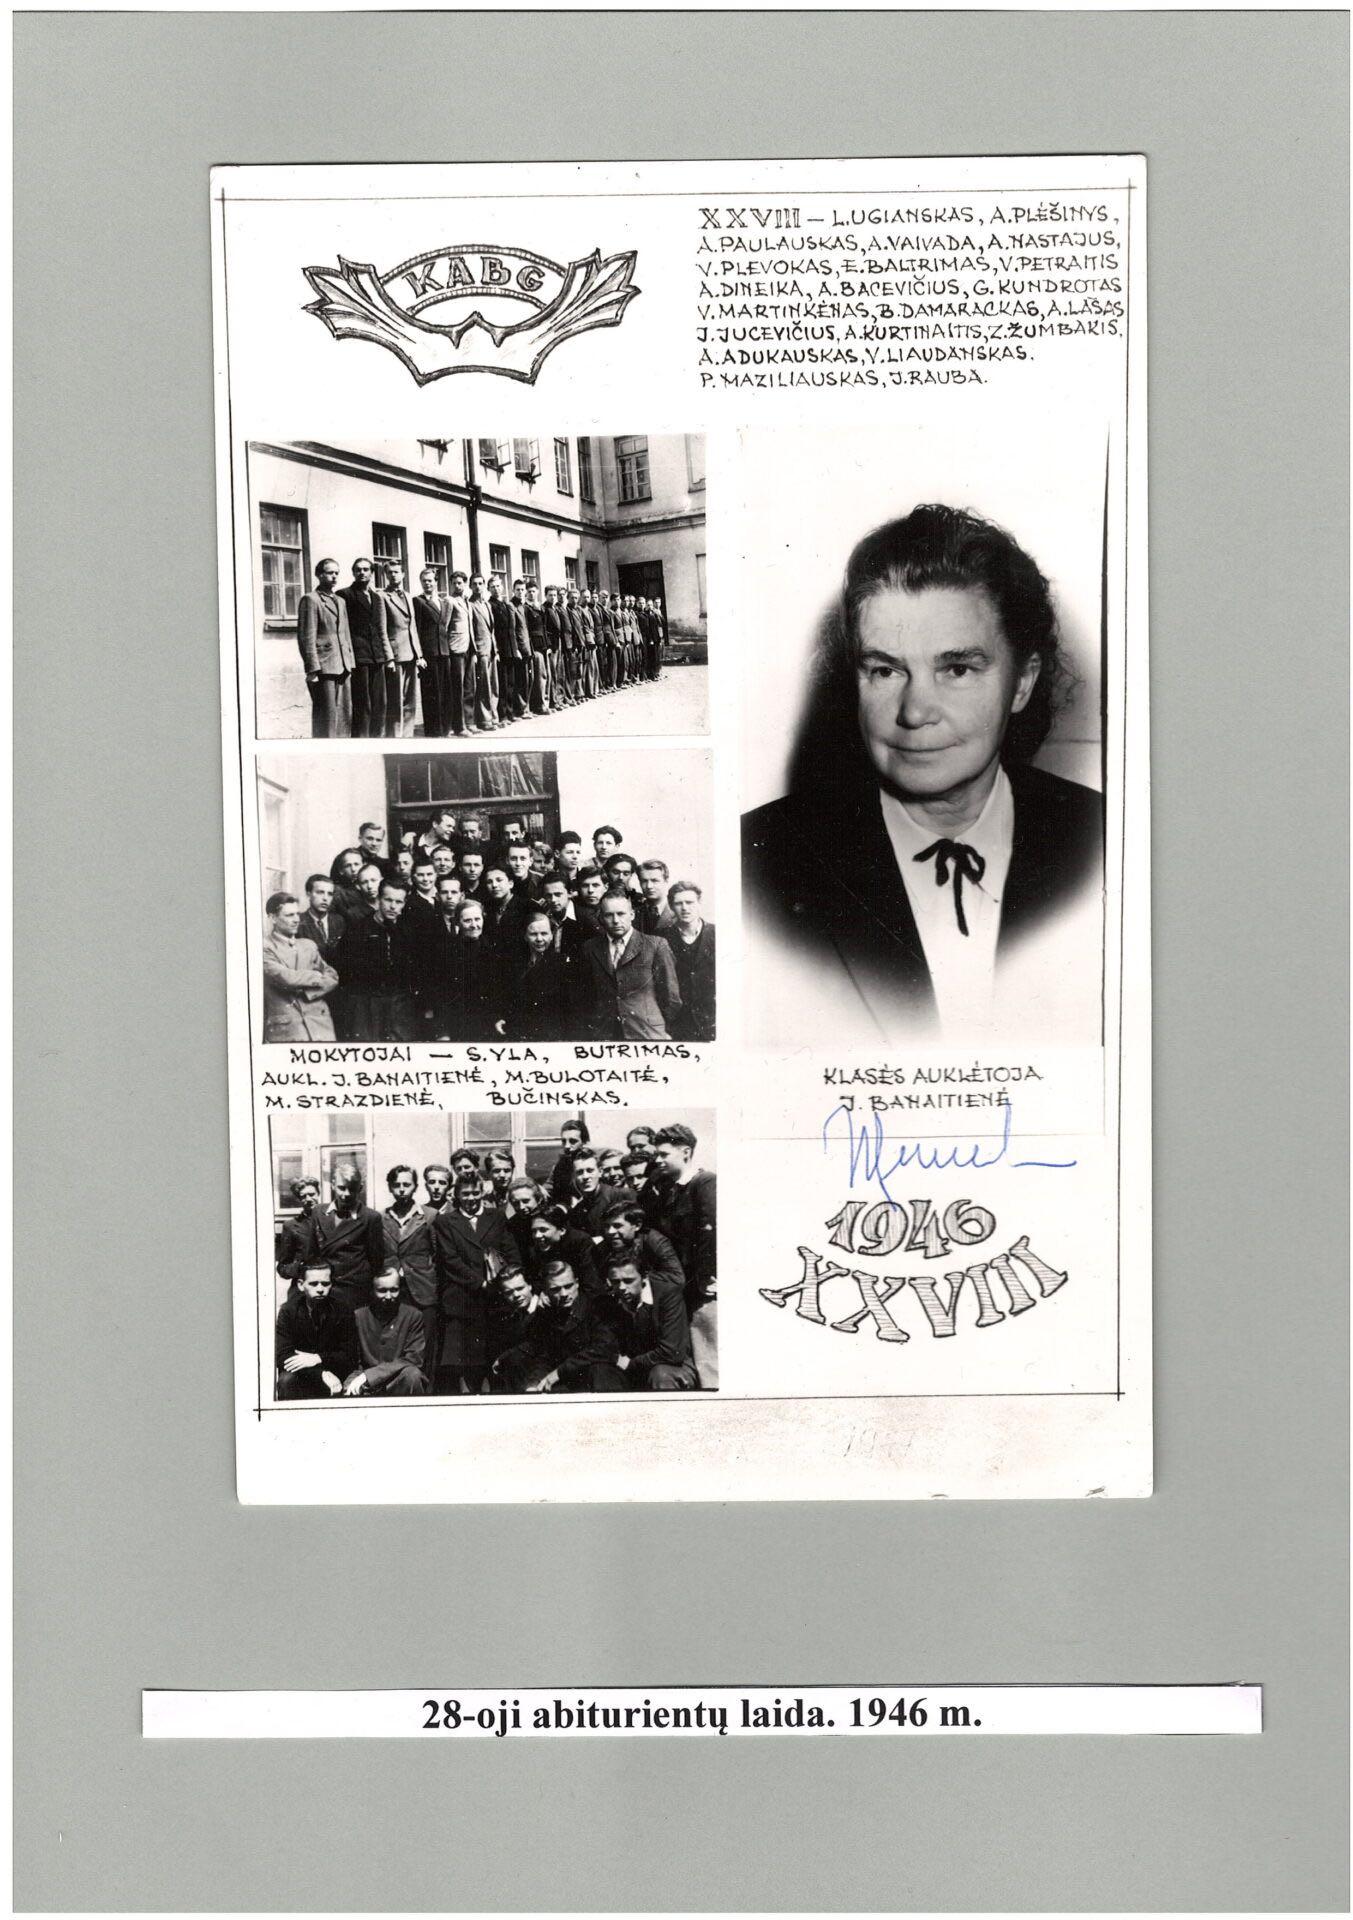 28-a laida, 1946 m.